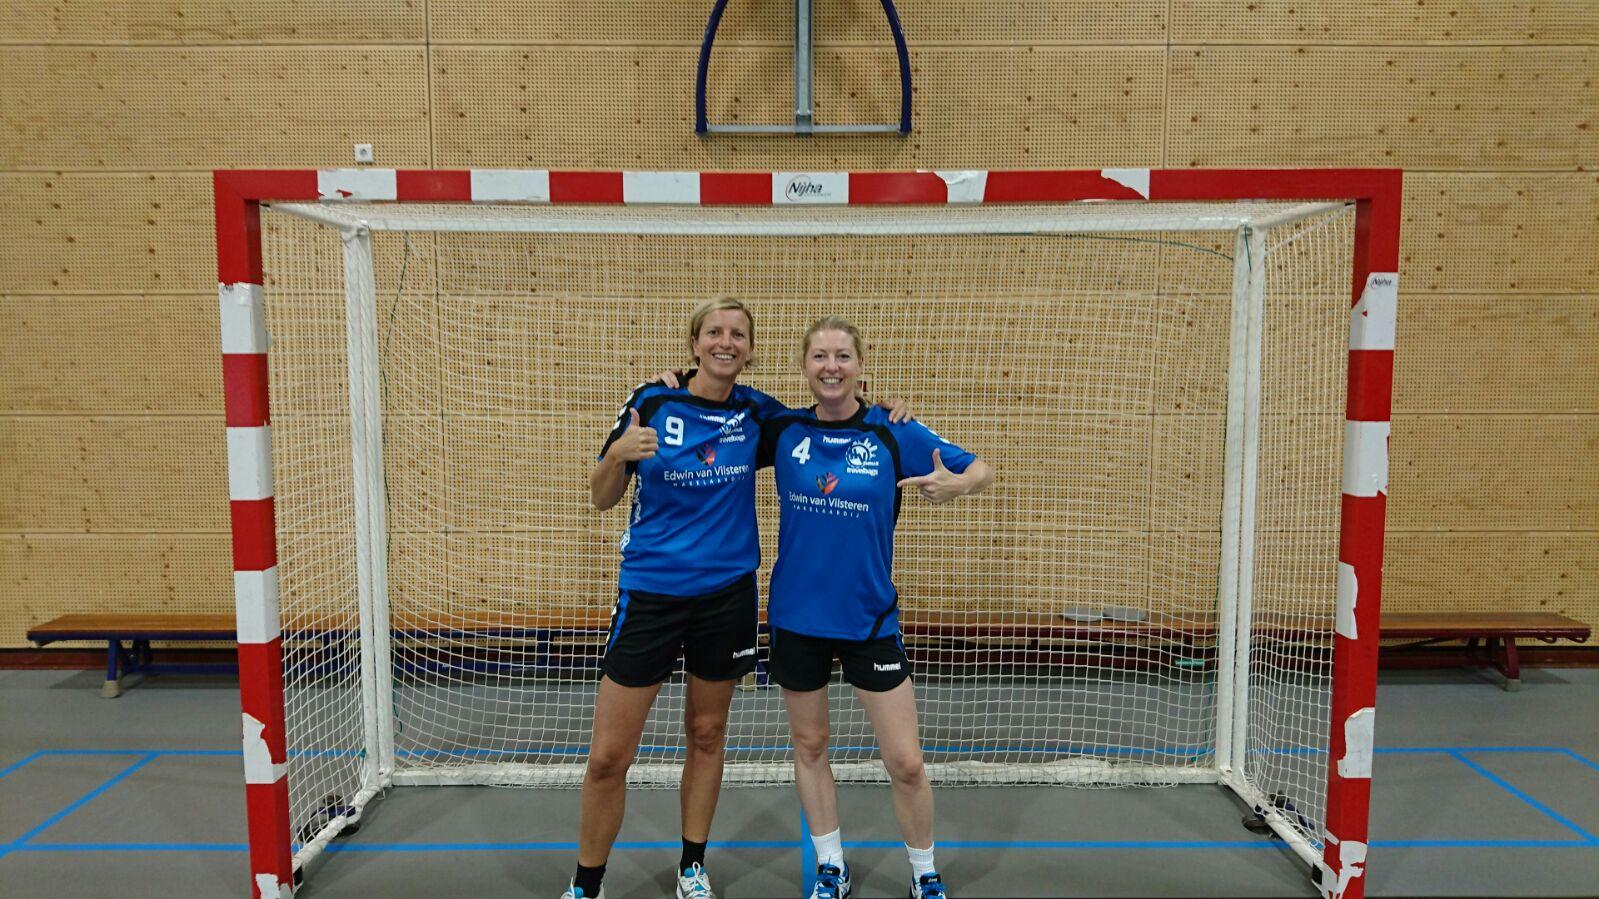 Monique en Iris van Vilsteren blij met sponsoring makelaar, broer en neef Edwin van Vilsteren!